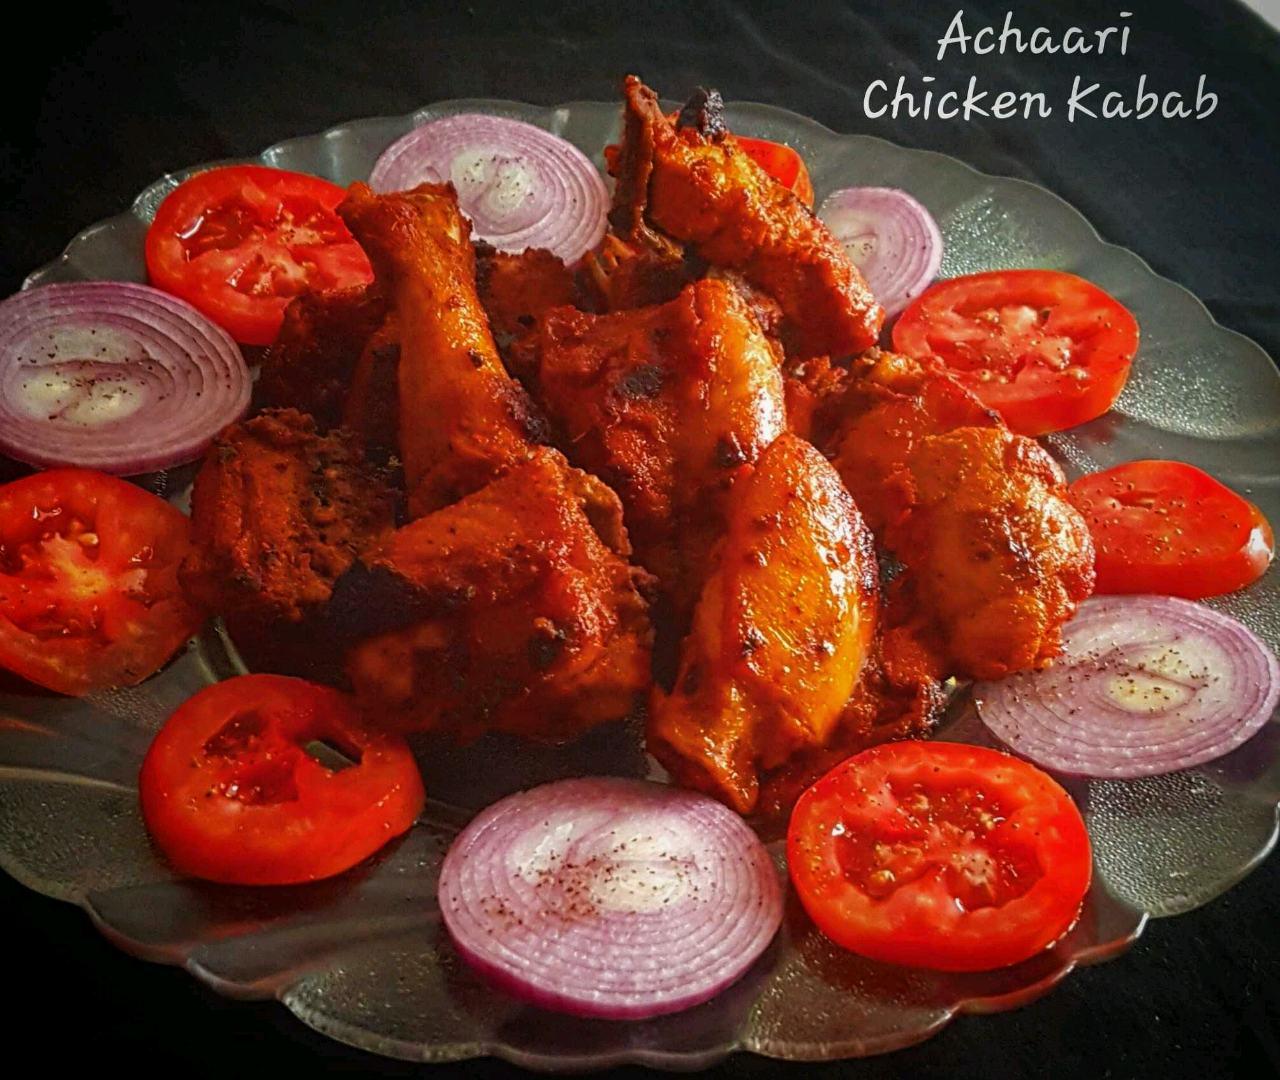 Achaari Chicken Kabab